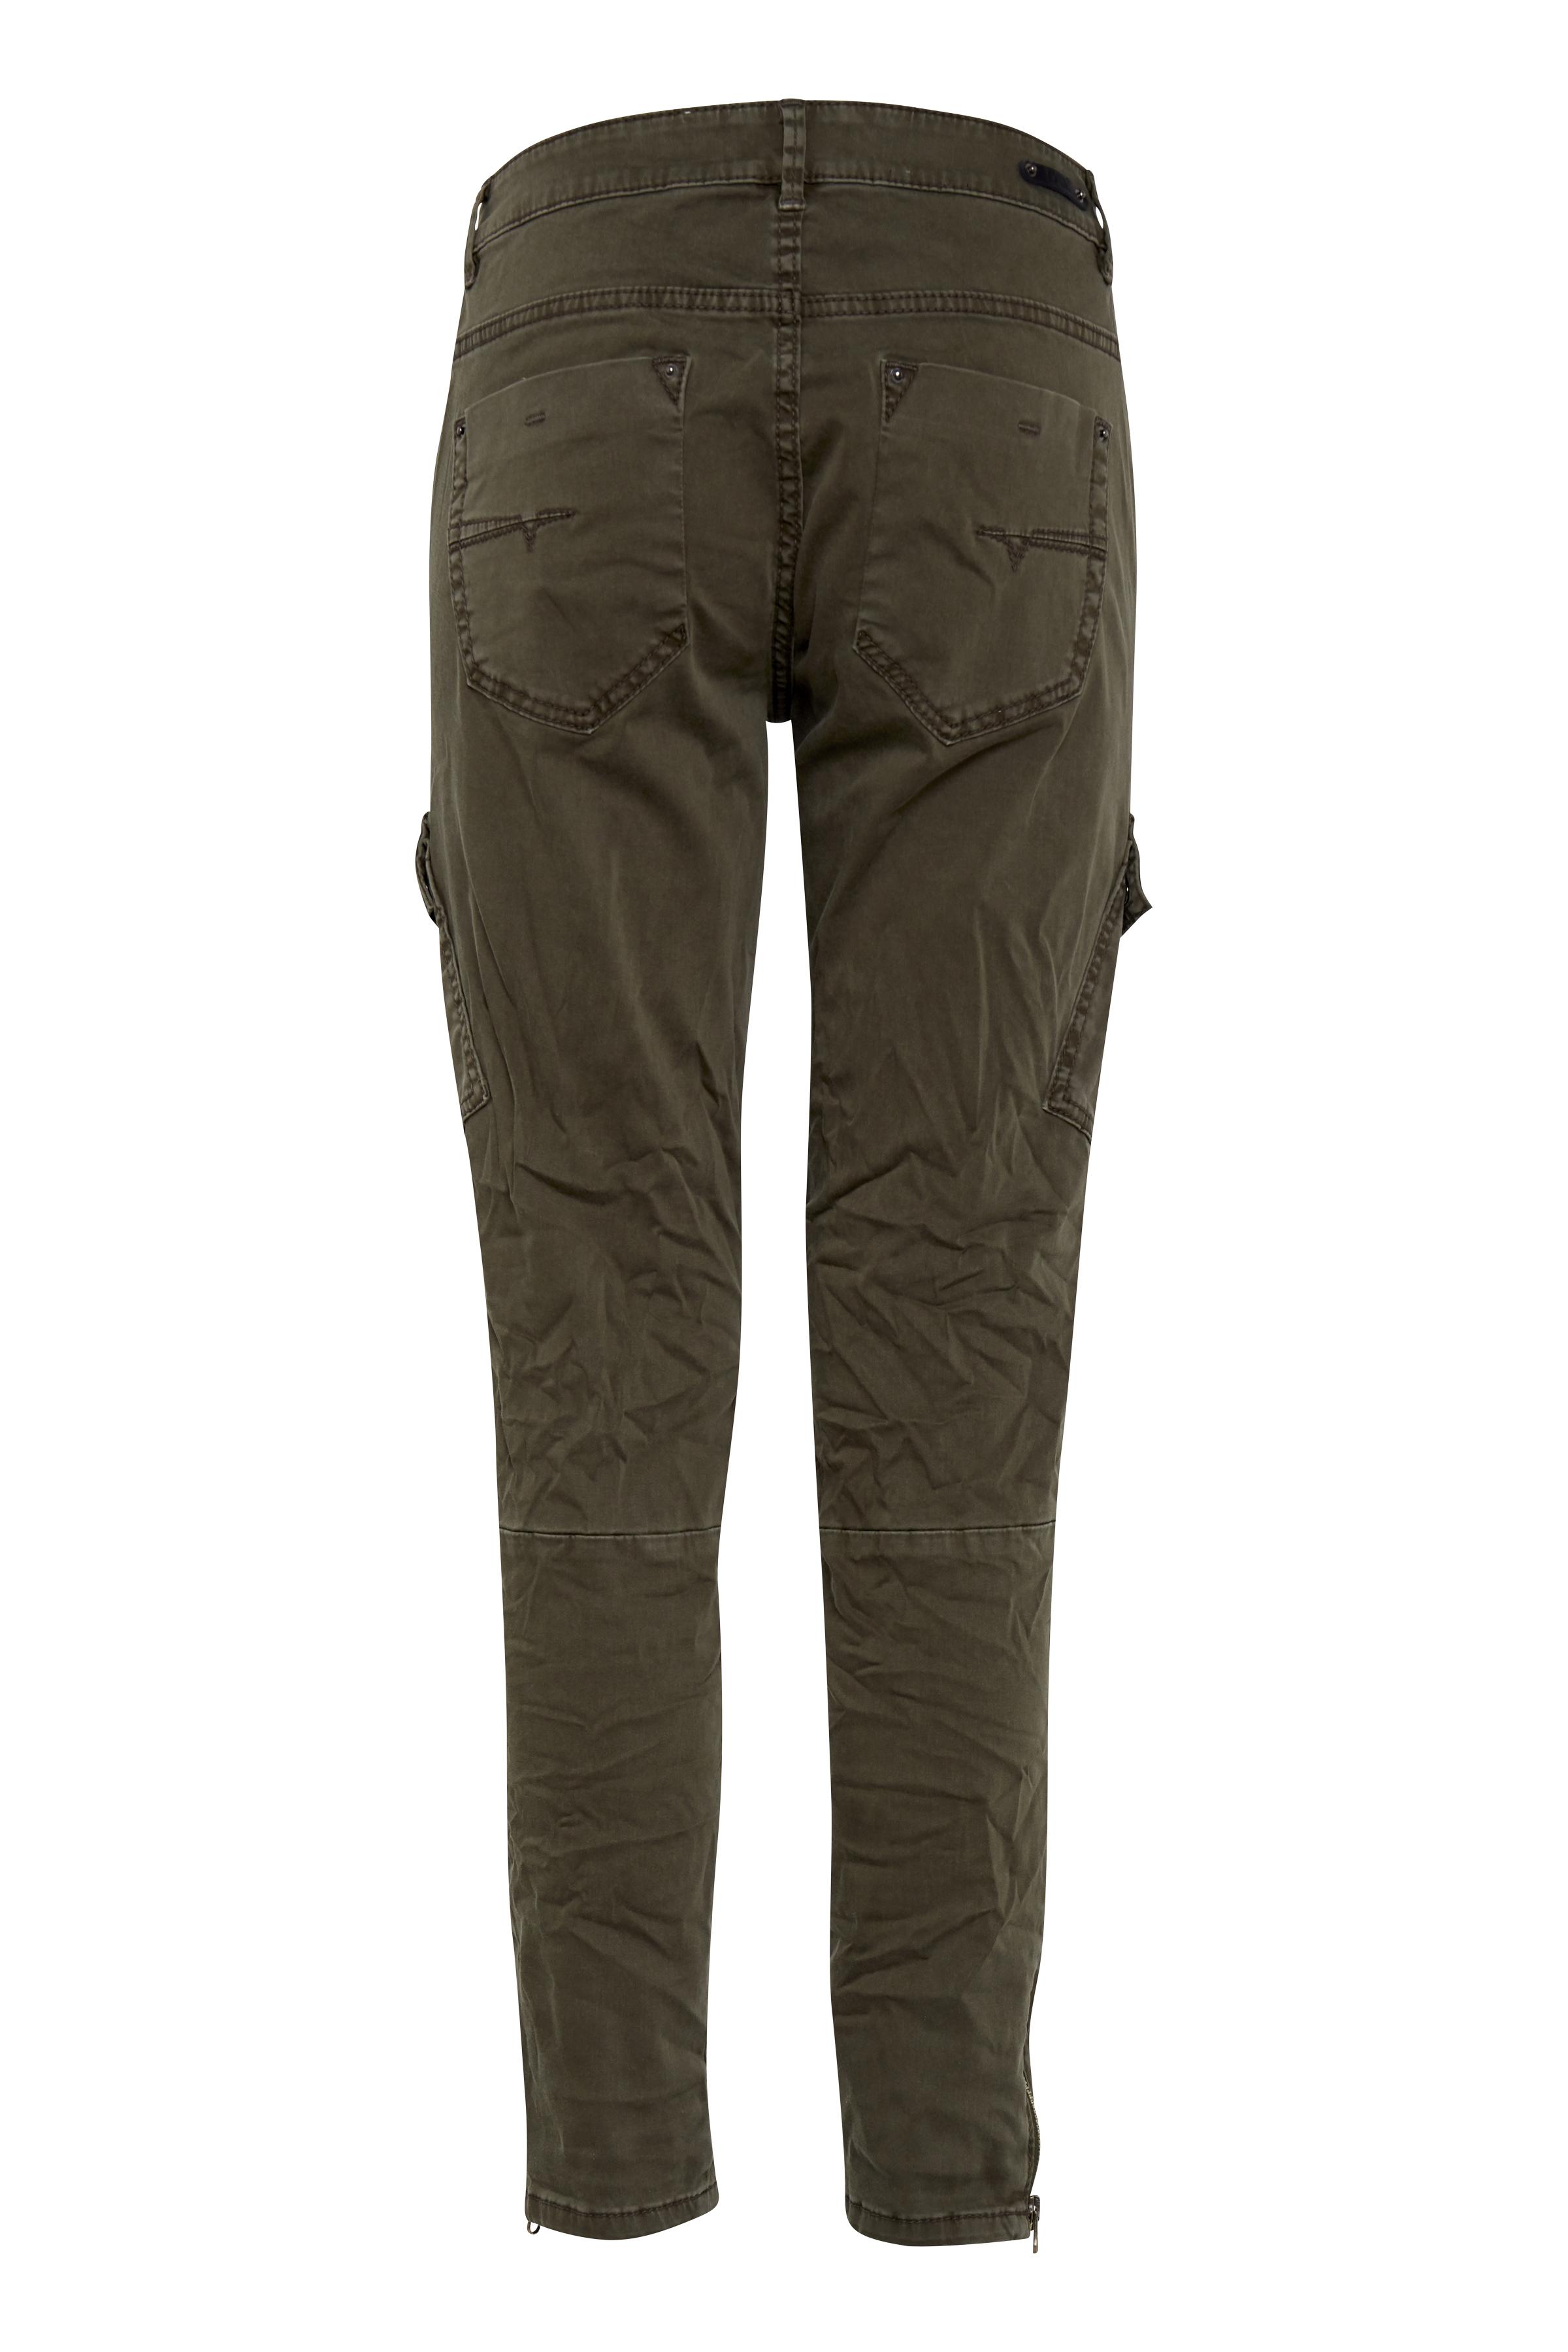 Army Casual bukser fra Dranella – Køb Army Casual bukser fra str. 32-46 her